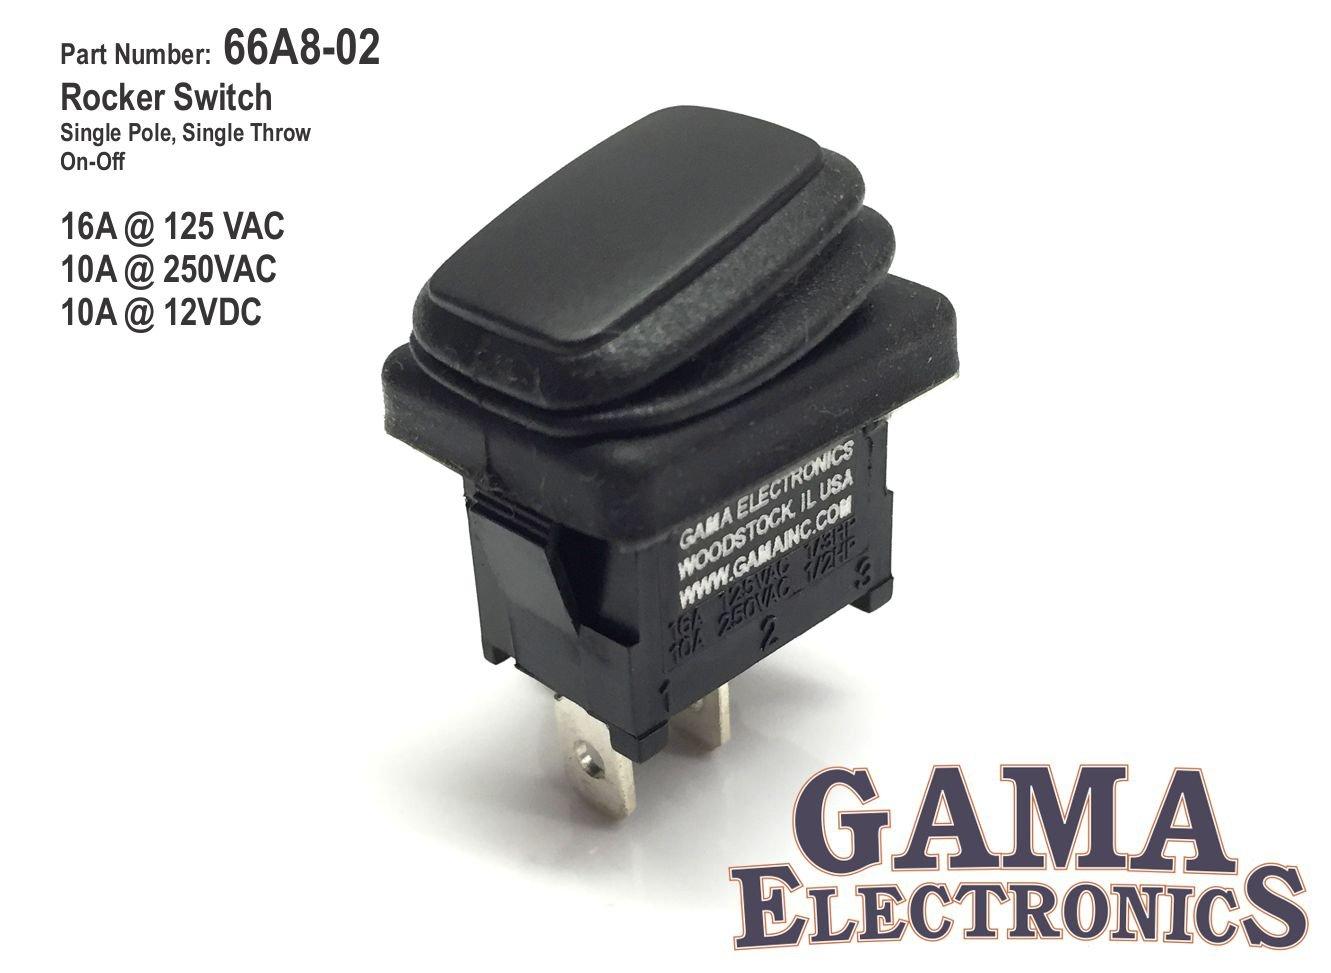 Gama Electronics Waterproof Mini Off On Rocker Switch Wiring Spst 16a 125vac Automotive